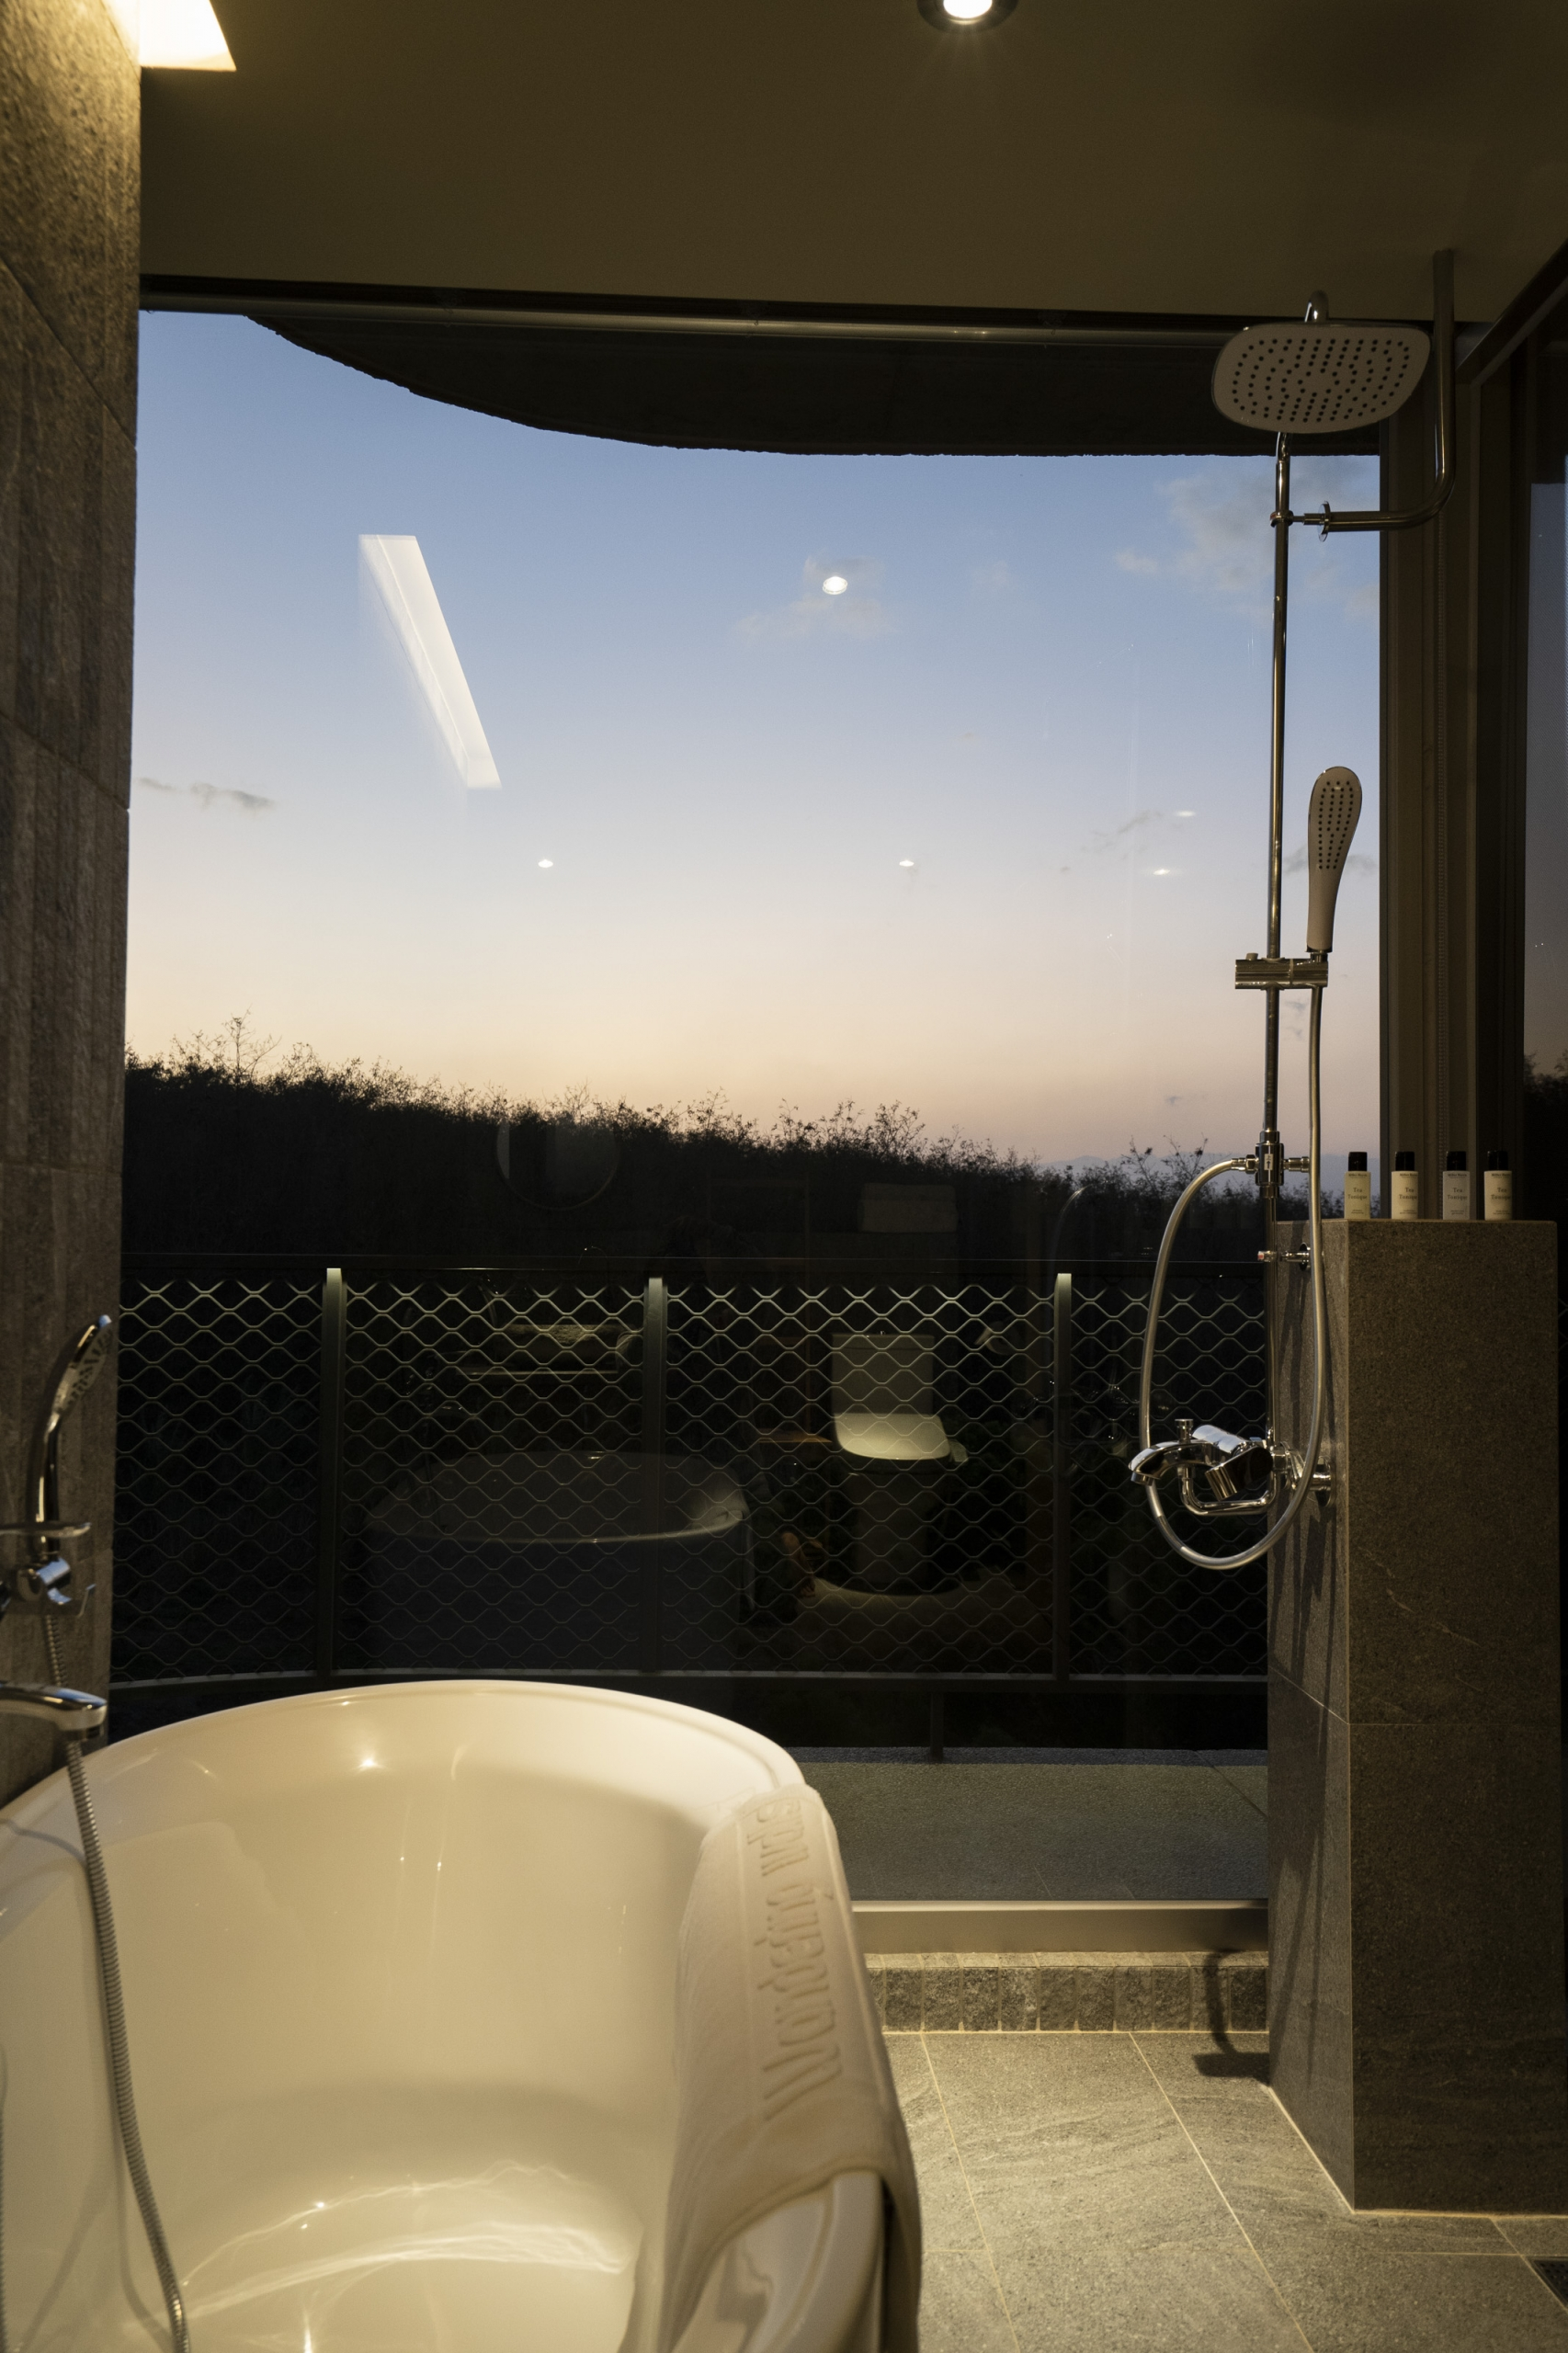 天晴浴室景色